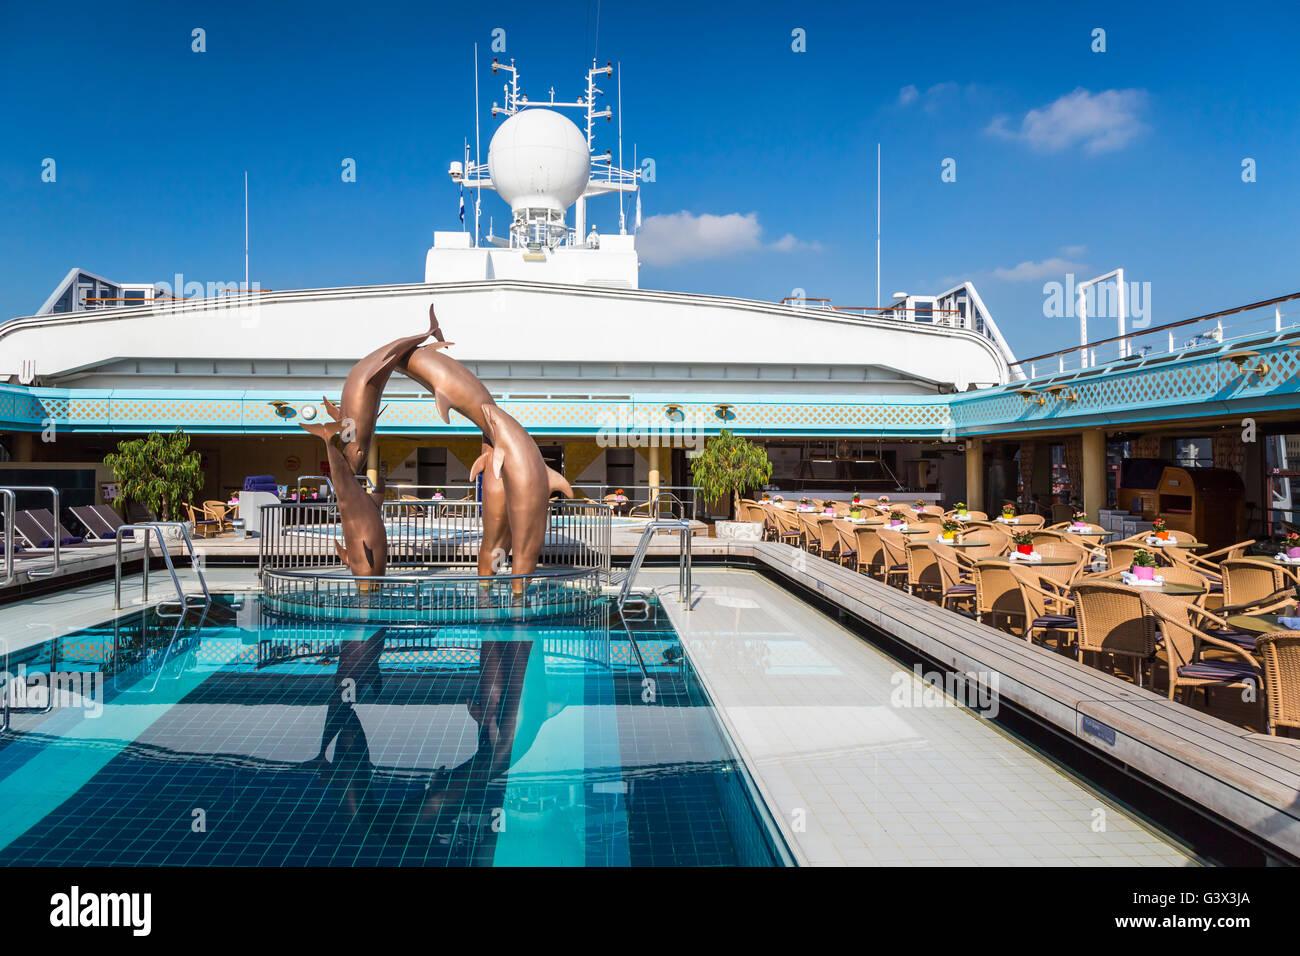 Holland America Cruise Ship Pool Stock Photos Amp Holland America Cruise Ship Pool Stock Images